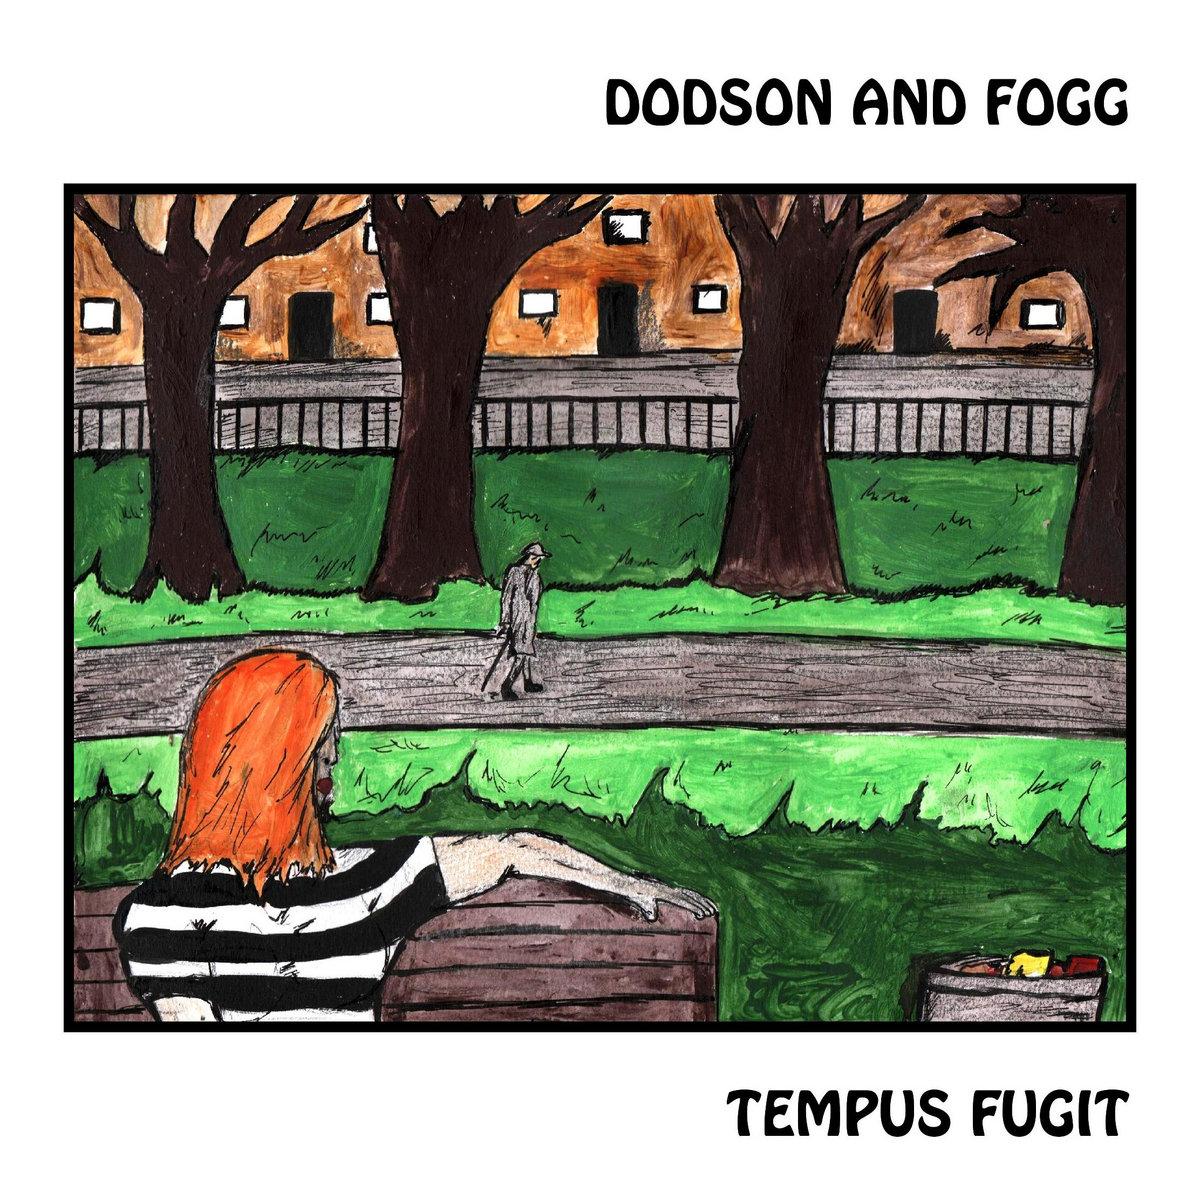 Resultado de imagen para DODSON AND FOGG TEMPUS FUGIT